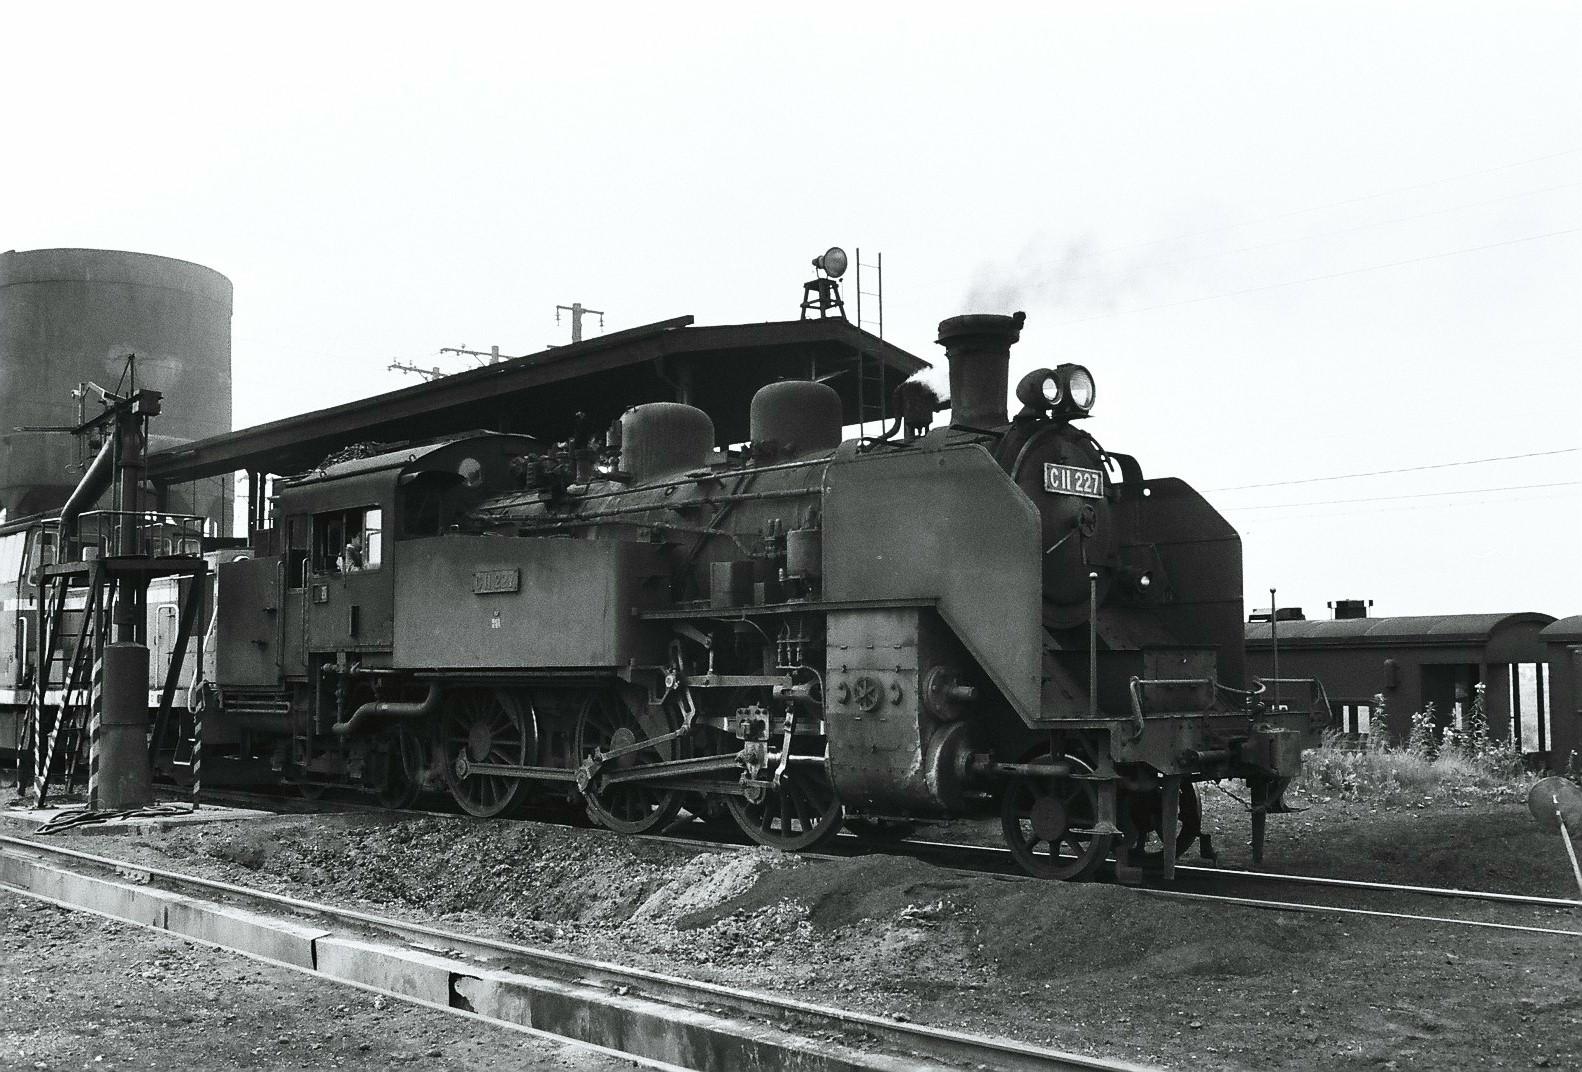 苫小牧機関区で休息を取るC11形227号機。1973年7月の撮影です。苫小牧機関区に所属していた同機は、当時は日高本線や富内線などで運用されていました。撮影された当時には、現在は東武鉄道のSL「大樹」けん引機として活躍しているC11形207号機も、同じ苫小牧機関区に所属していました。写真の227号機は、撮影から2年後の1975年に廃車されますが、そのまま大井川鉄道(現:大井川鐵道)に譲渡されました。ボイラーを交換するなど手は加えられているものの、現在もSL急行「かわね路」などのけん引機として、製造から70年以上が経過した現在も現役です。